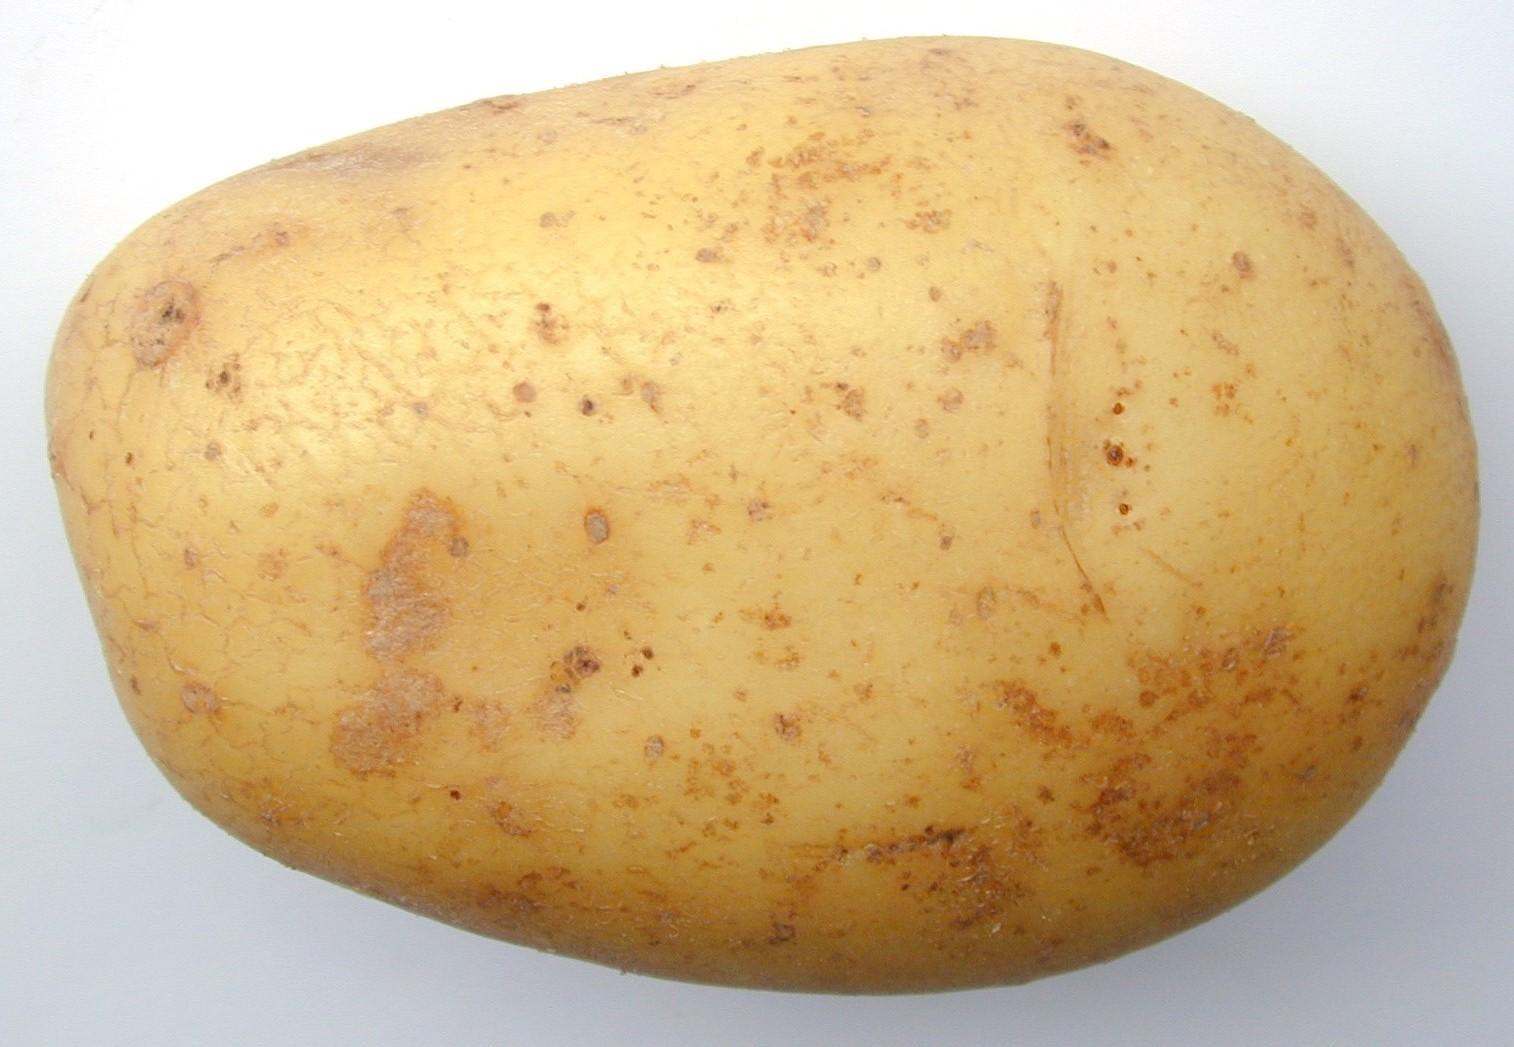 https://i0.wp.com/www.freeimageslive.com/galleries/food/fruitveg/pics/potato0730.jpg